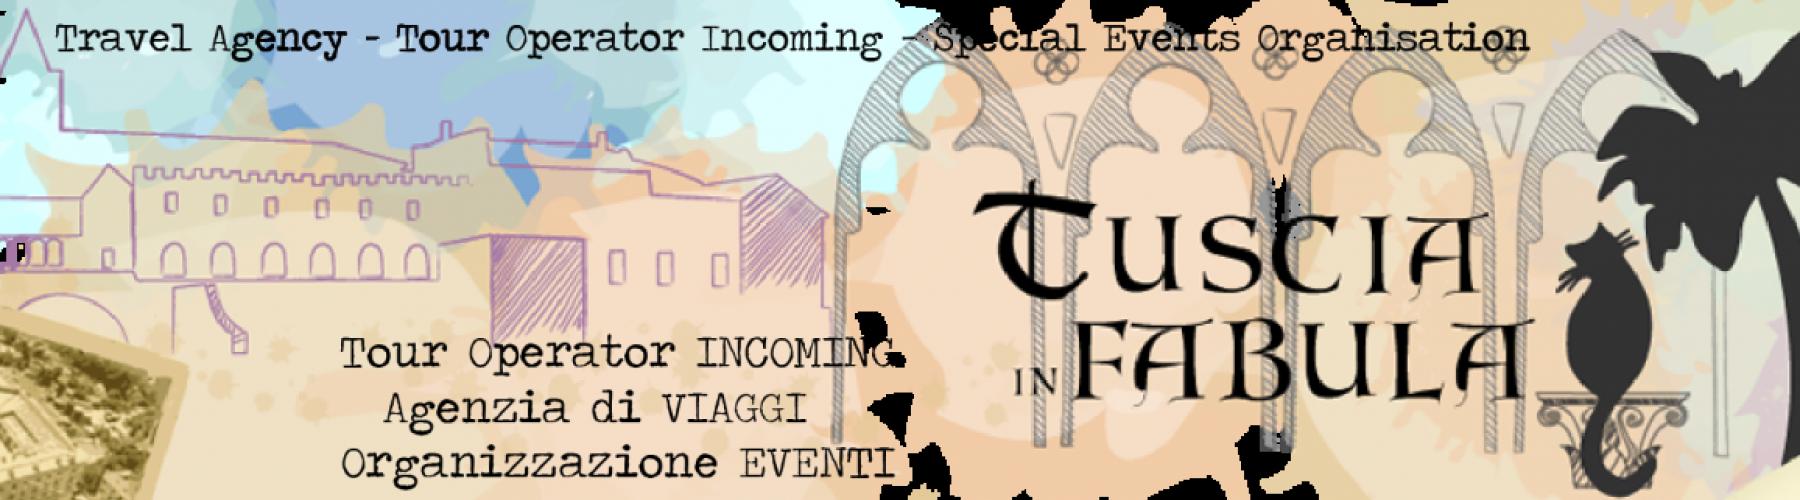 Copertina Tuscia in Fabula Incoming Tour Operator & Agenzia di viaggi